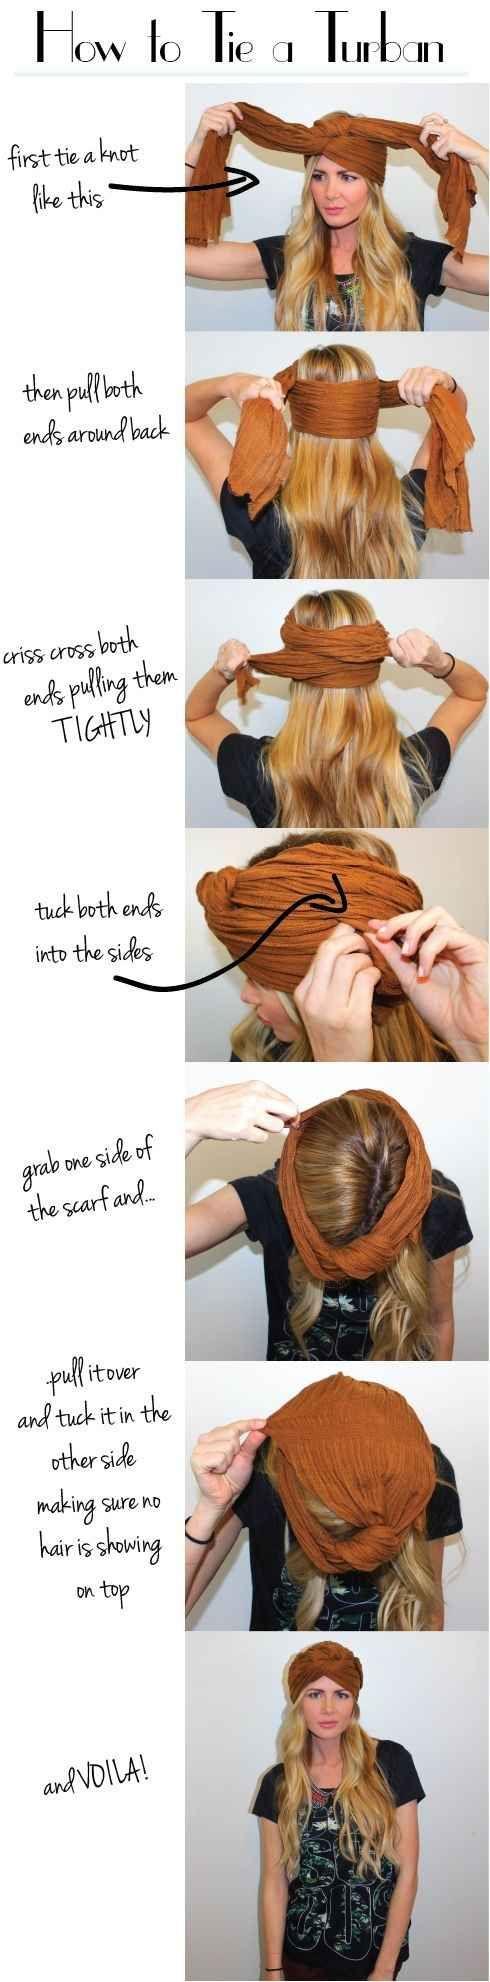 Bad hair day? Cubra-o com um turbante. | 26 penteados estilosos para garotas preguiçosas